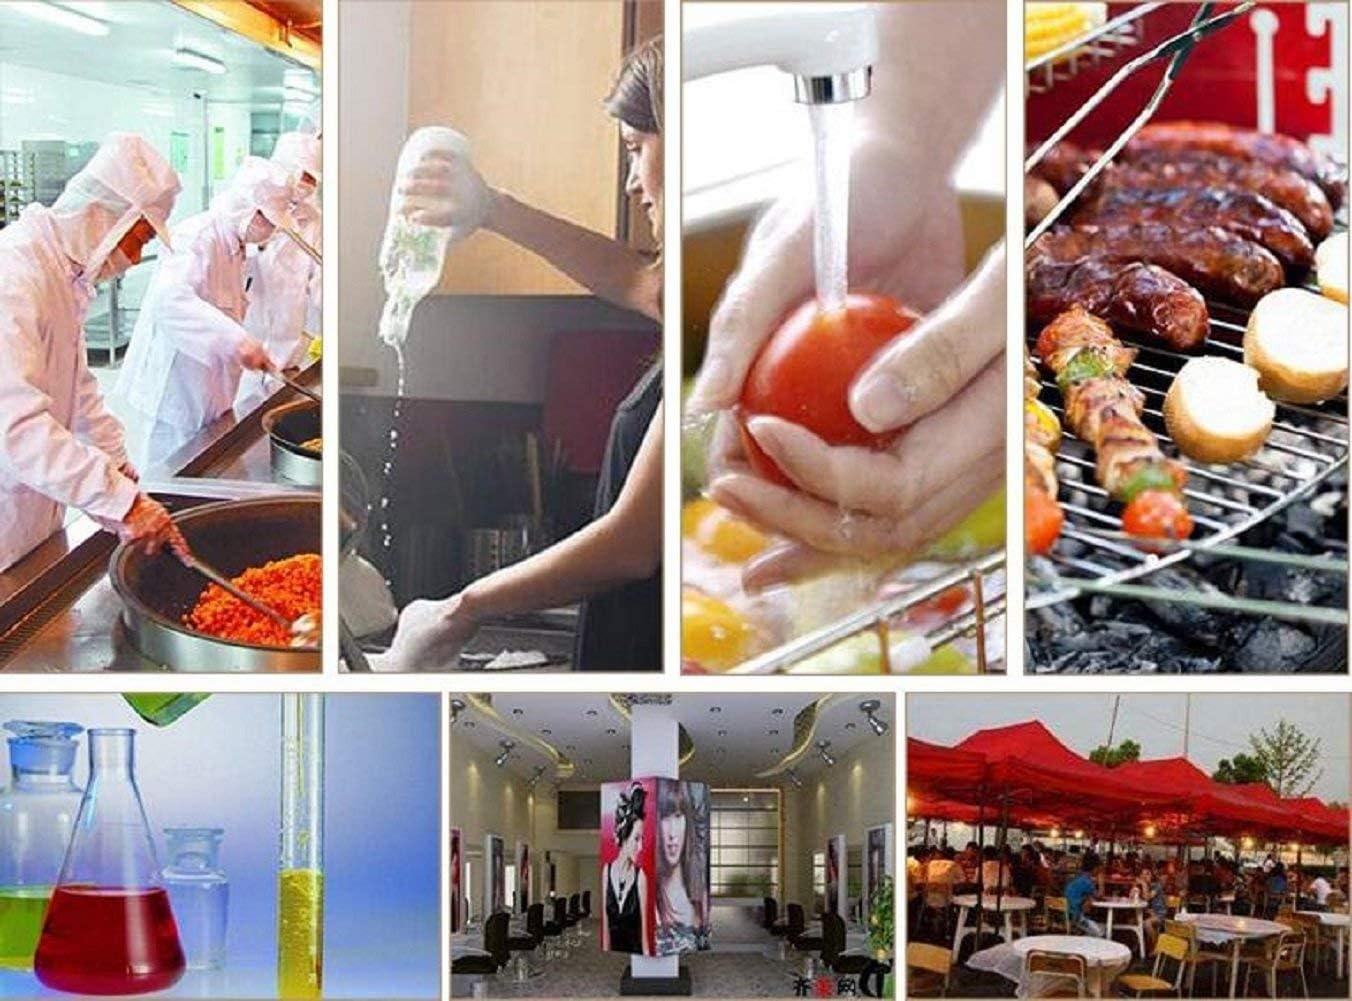 Cuisine et D/écoration cheap4uk Lot de 200 Gants Jetables en Plastique Poly/éthyl/ène Transparent sans Poudre et Confortables /à Porter pour Nettoyage